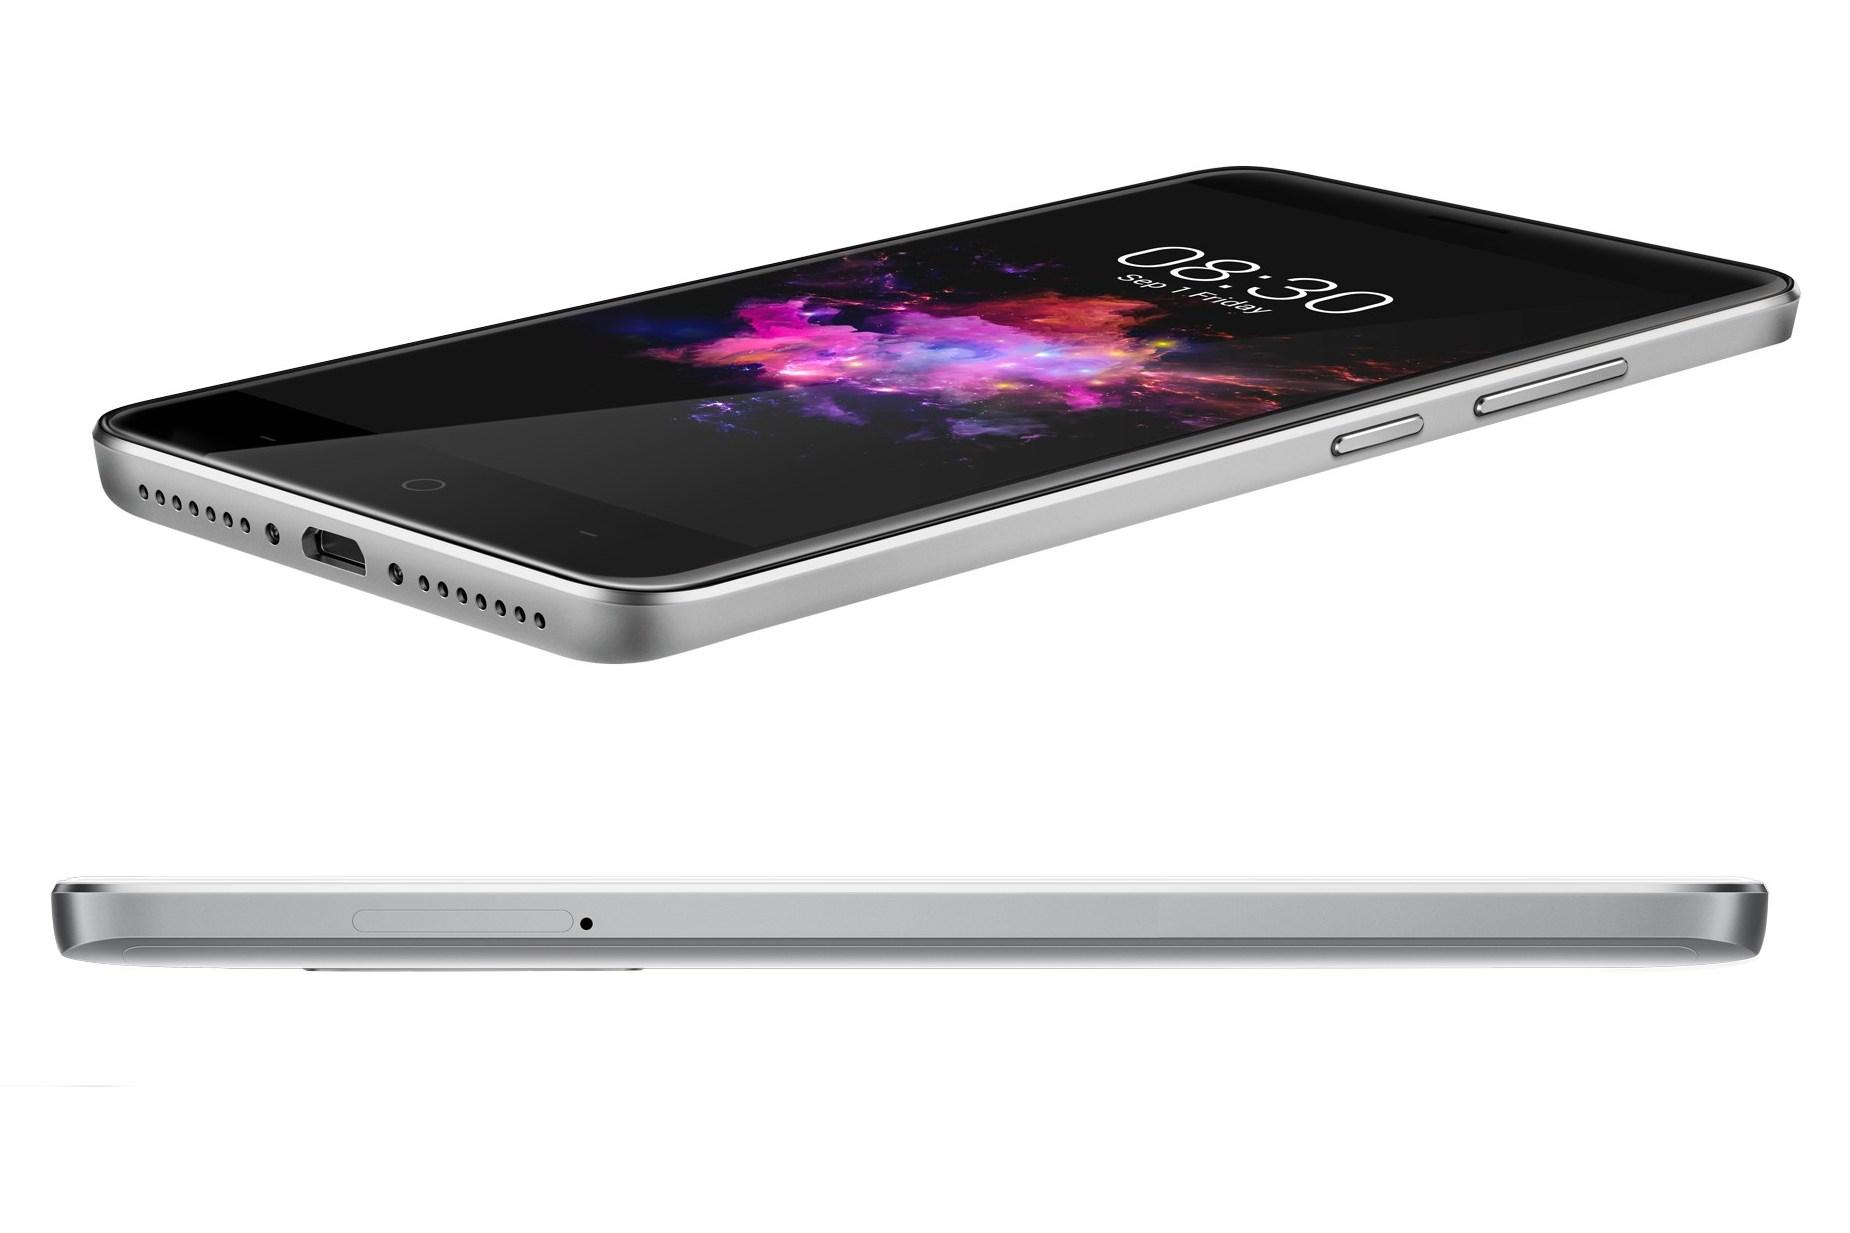 Смартфон Neffos X1 Max отTP-Link появился на русском рынке